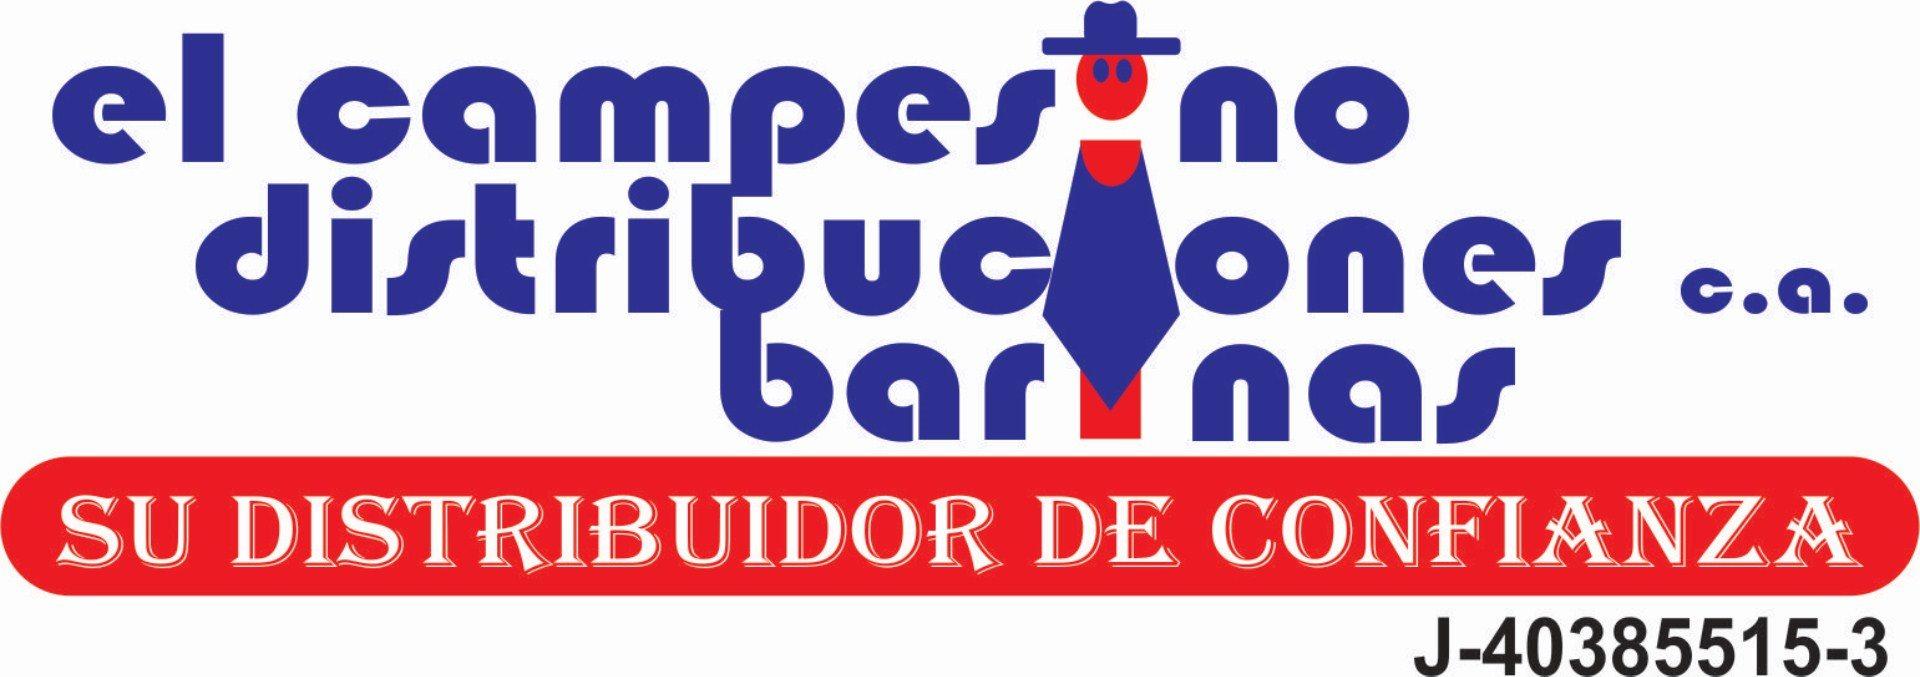 El Campesino Distribuciones Barinas C.A.